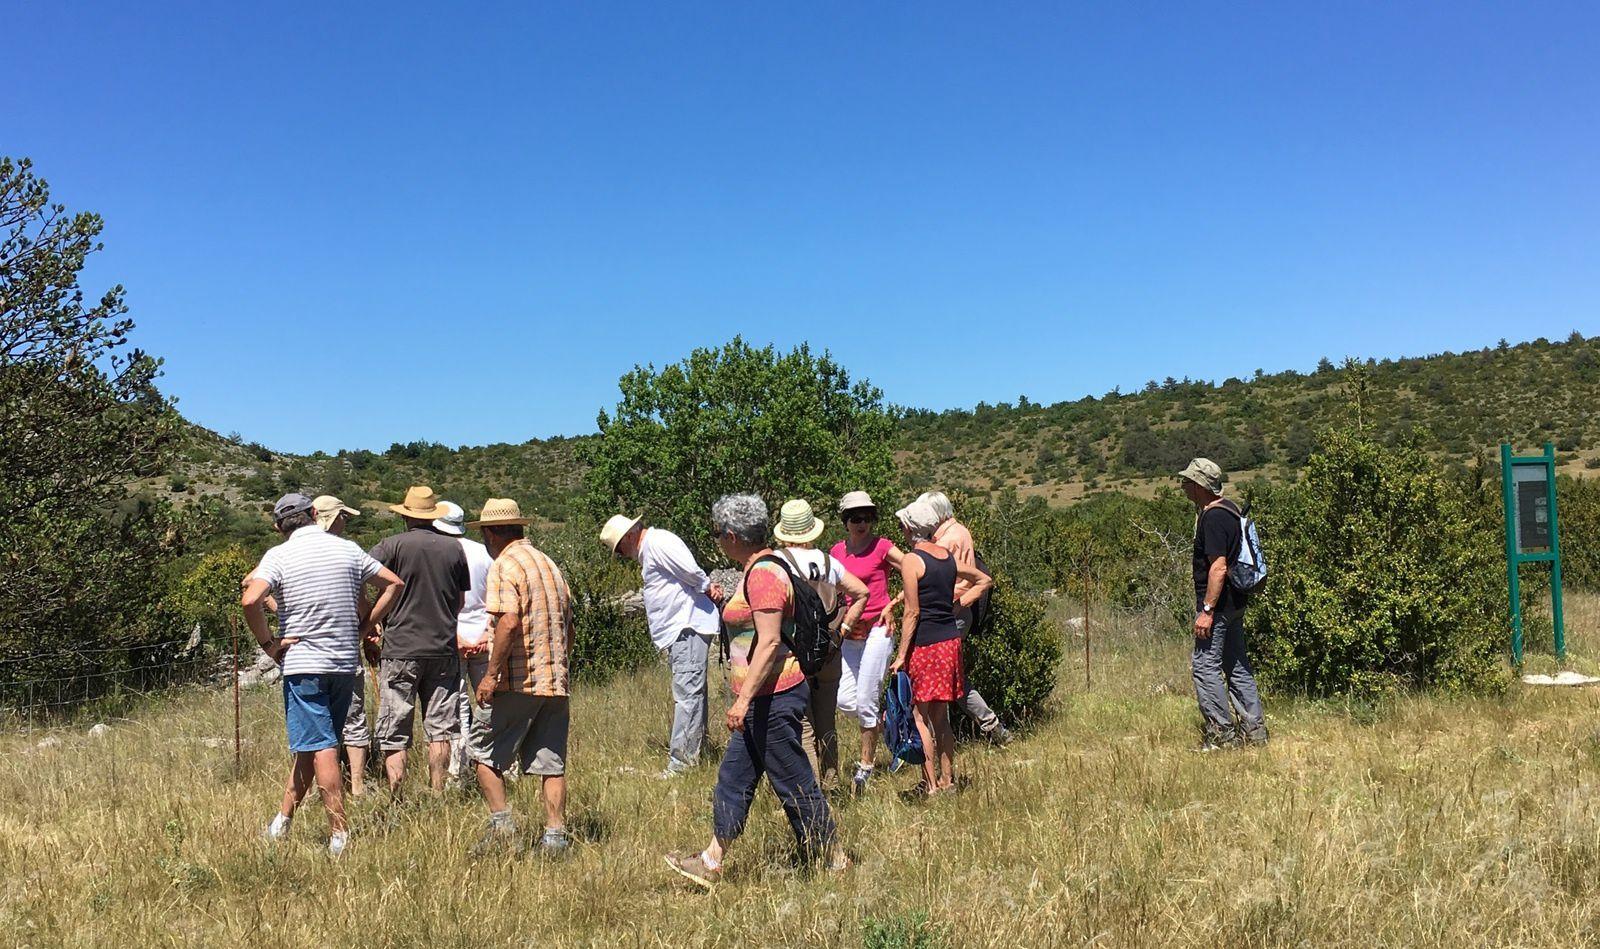 Retour sur le terrain pour voir le dolmen, classé monument historique, et écouter les explications de Rémi Azémar sur les circonstances de sa découverte et les péripéties de sa fouille.